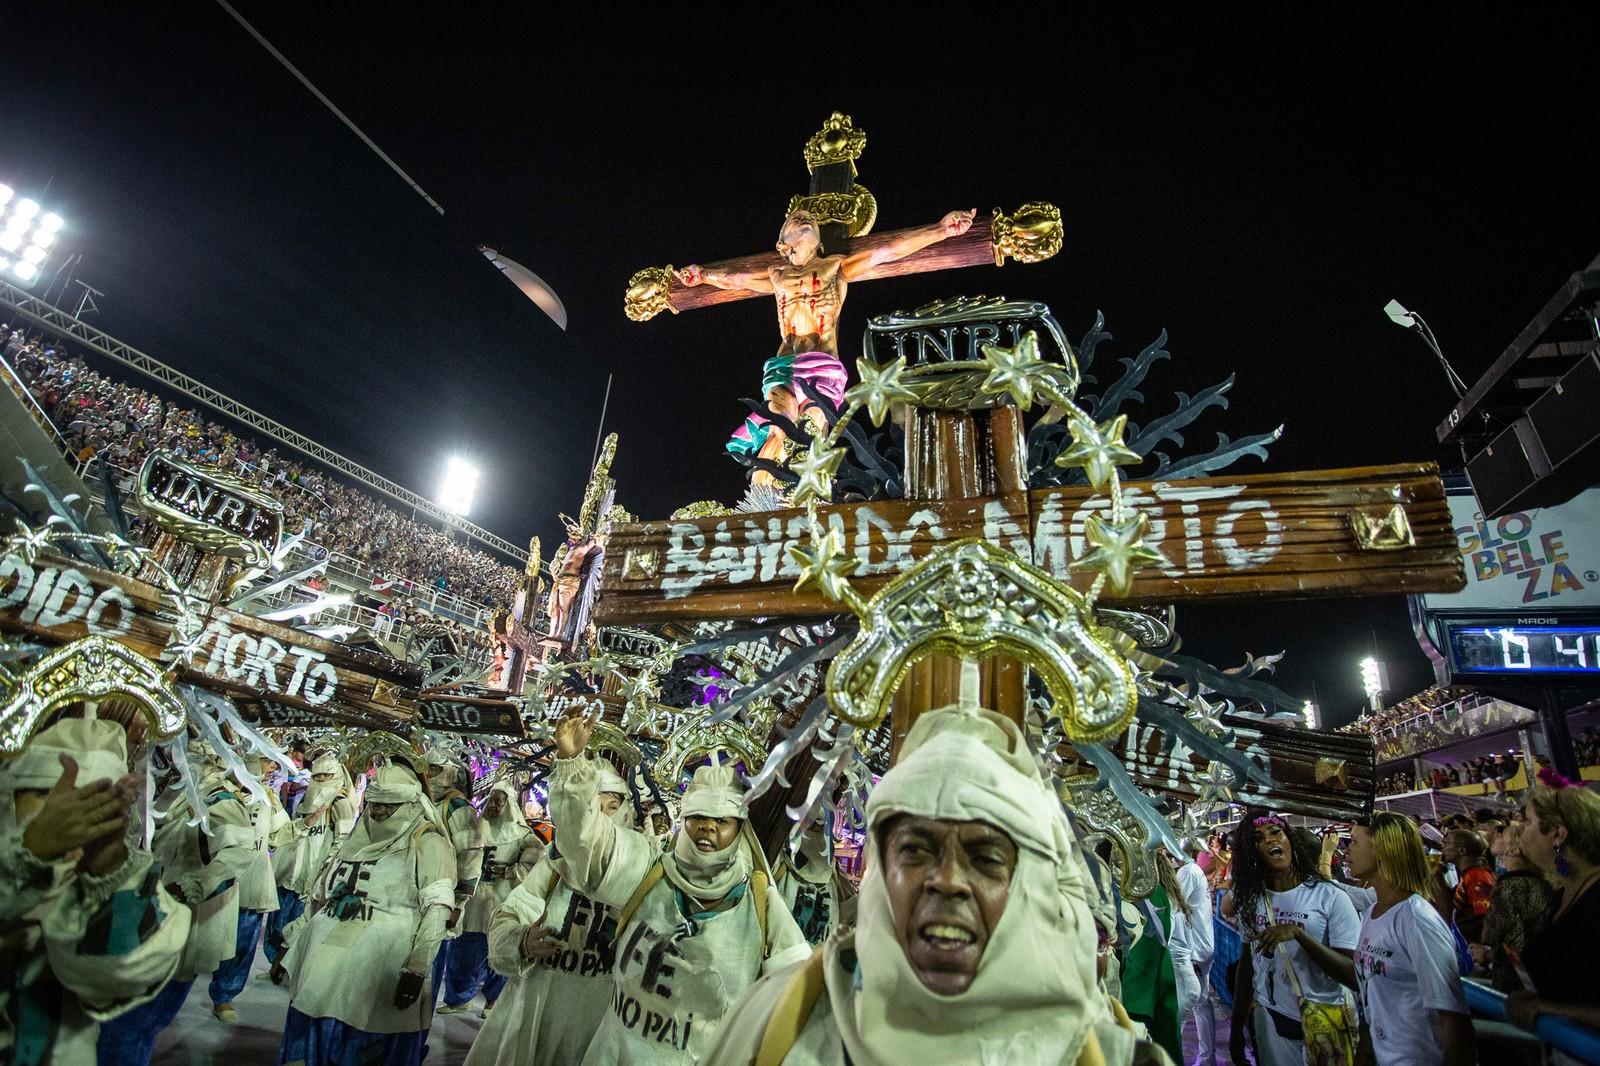 Jesus nascido no morro - Foto: Fábio Tito/G1